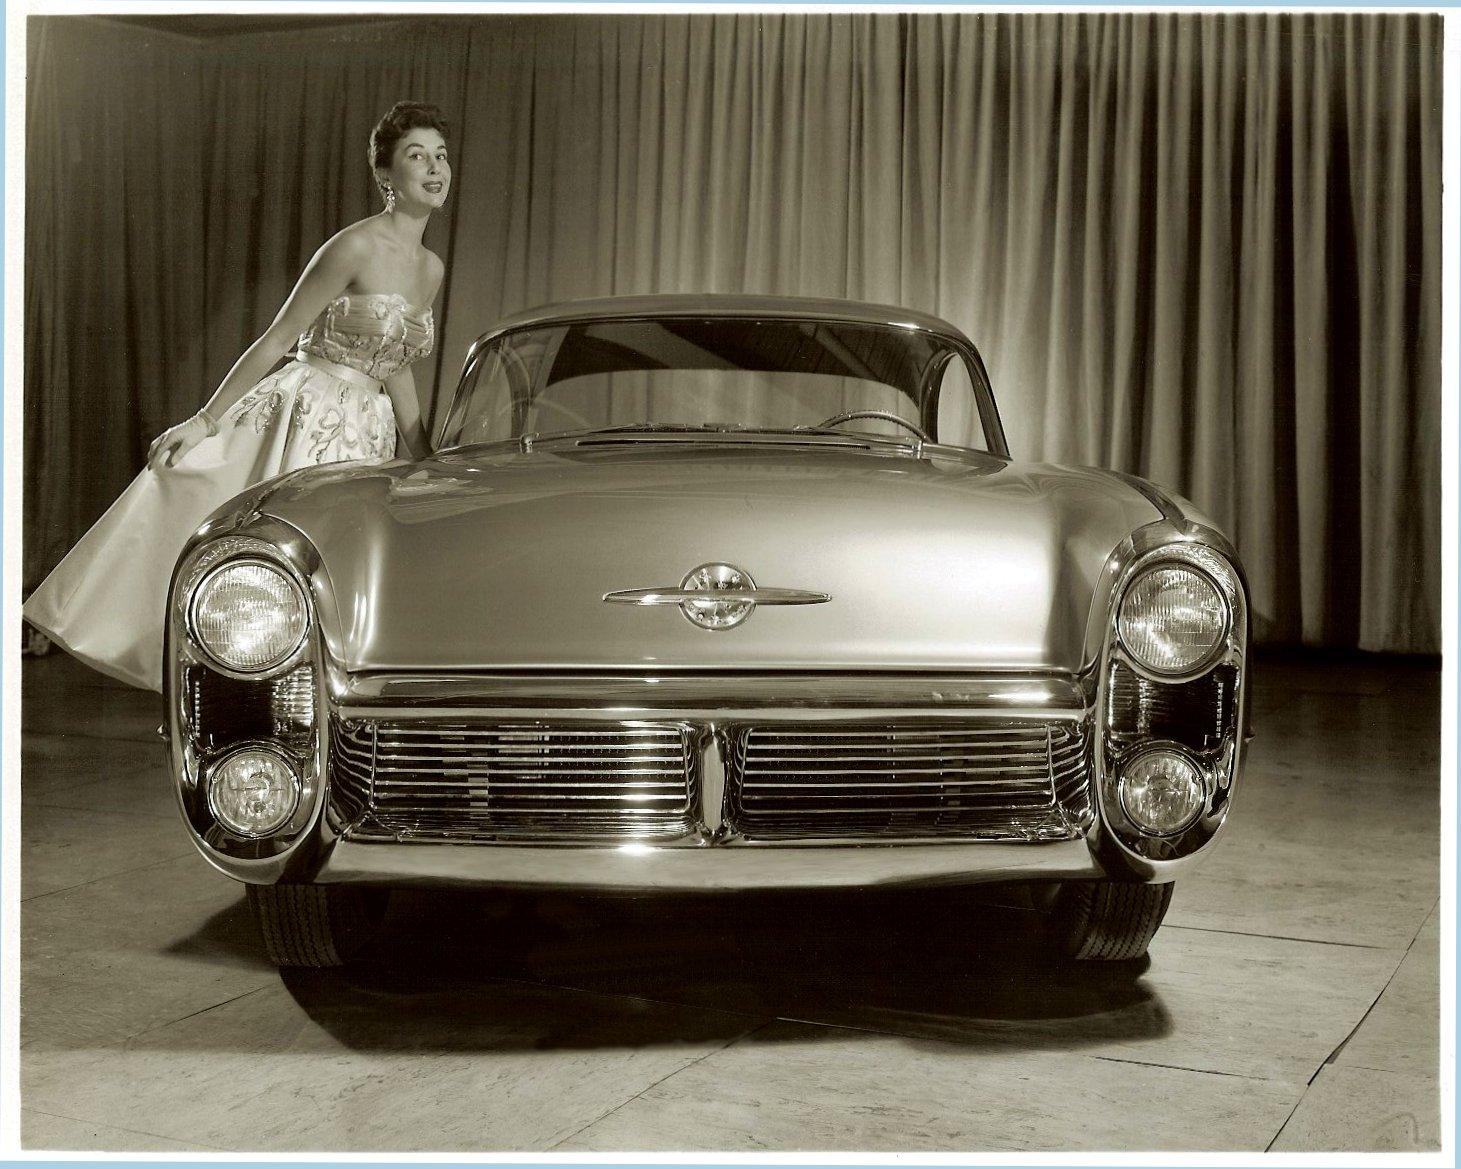 Oldsmobile 88 Delta, 1955